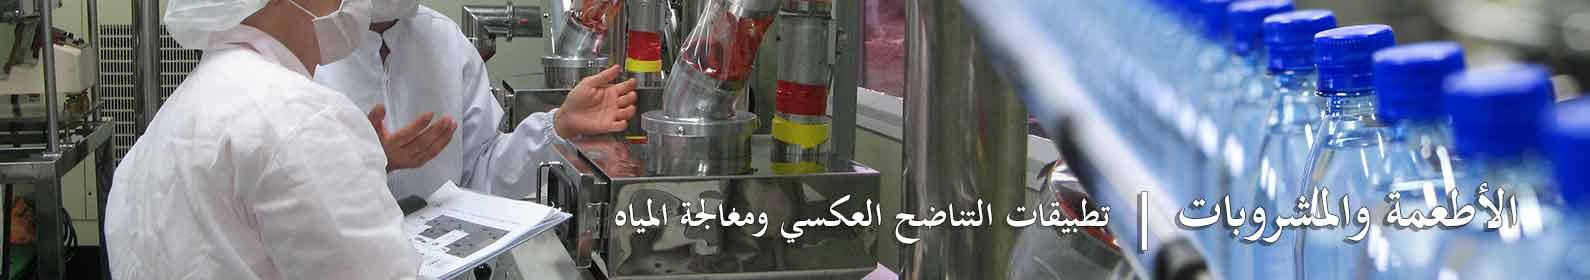 -food-and-beverage-industry.jpg